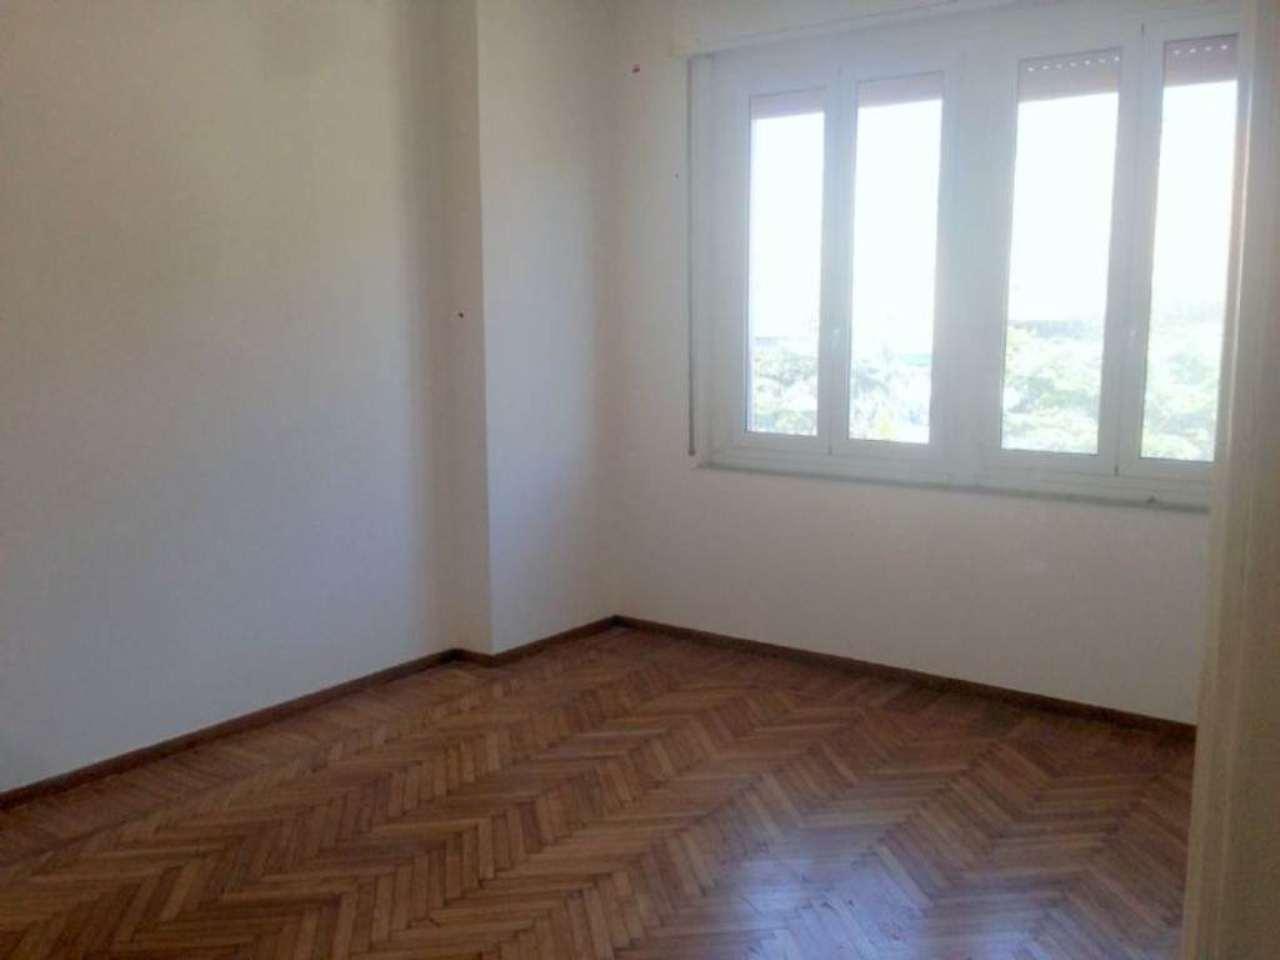 Appartamento in affitto a Genova, 2 locali, zona Zona: 8 . Sampierdarena, Certosa-Rivarolo, Centro Ovest, S.Teodoro, prezzo € 430 | Cambio Casa.it